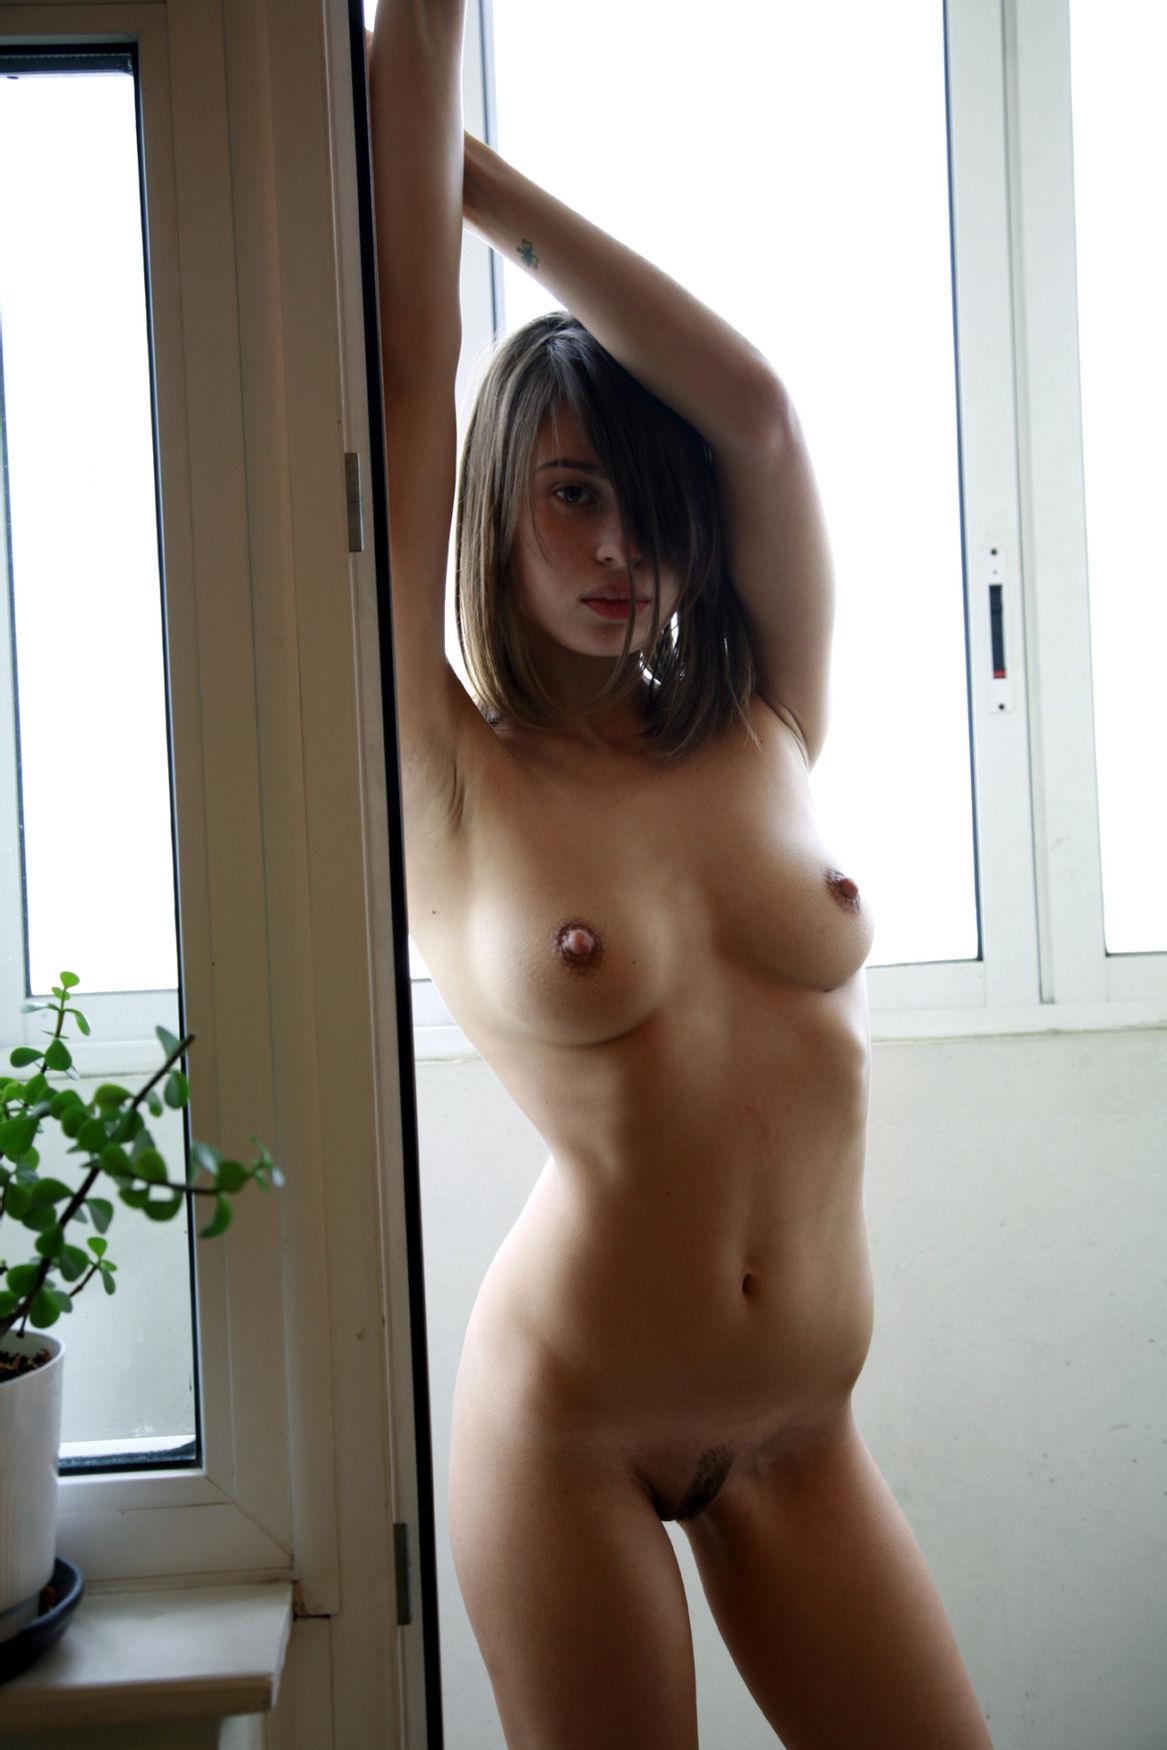 Morena jovencita posando para la camara con su precioso cuerpo